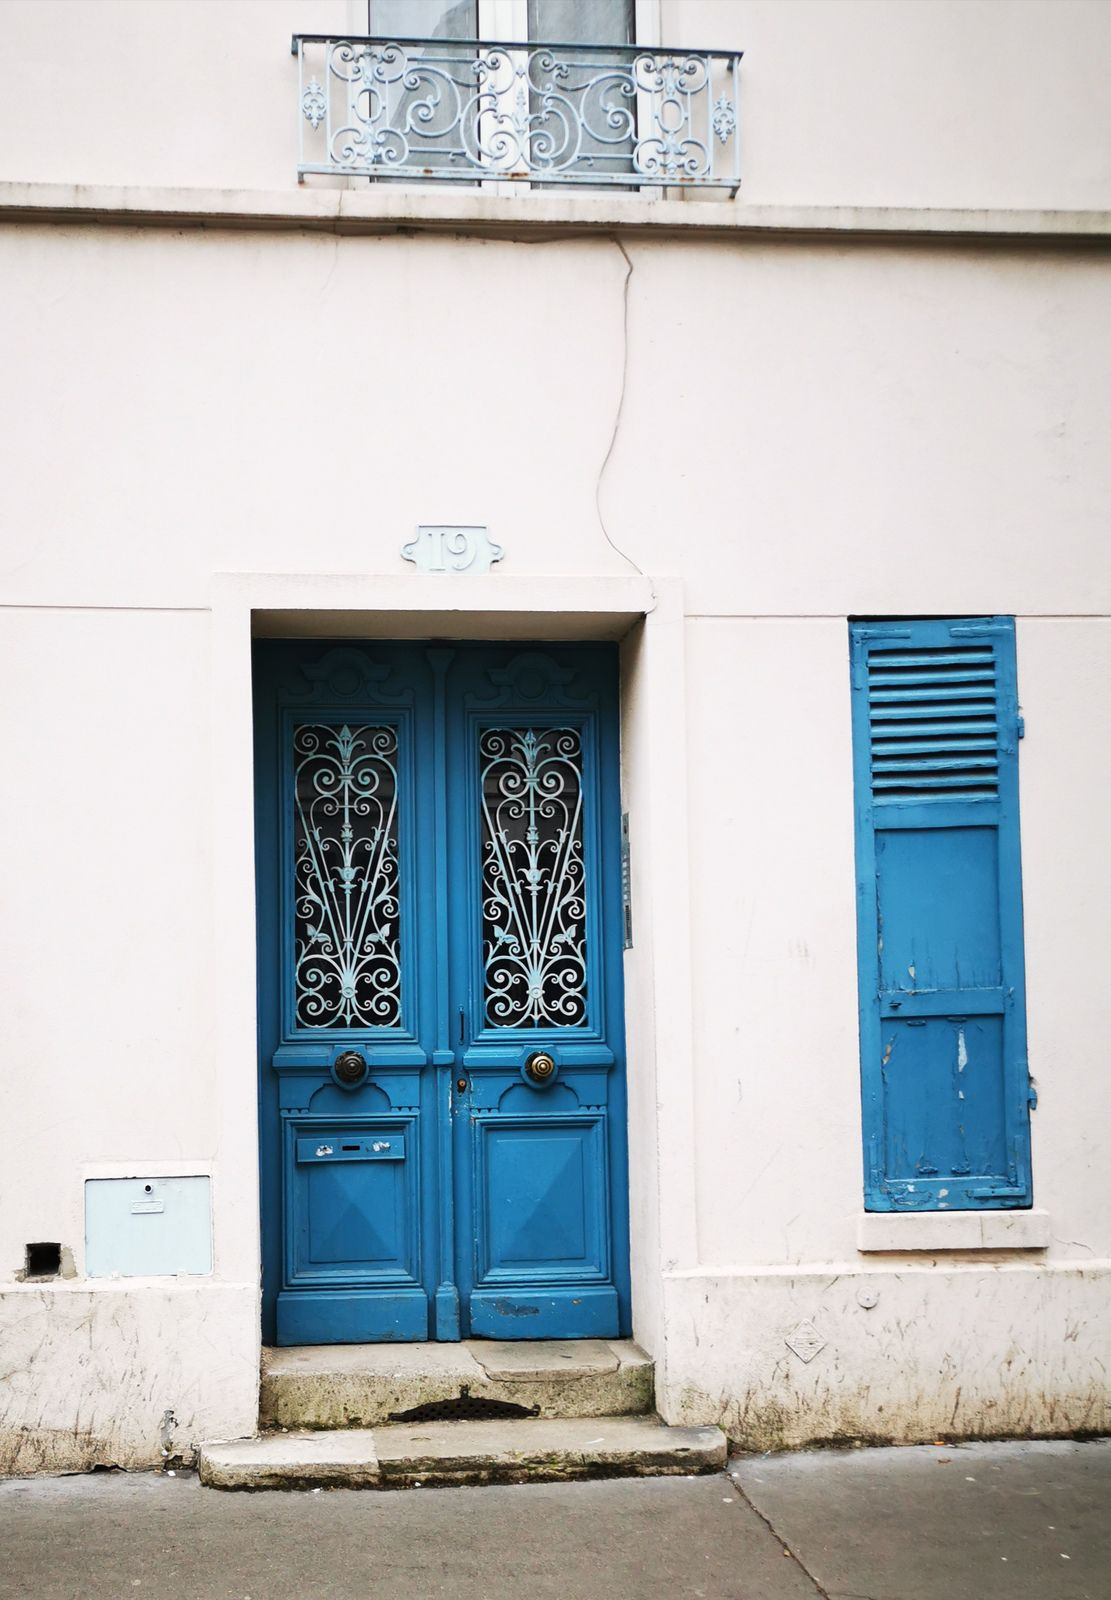 Visite de Saint-Denis avec l'application Paris région aventures